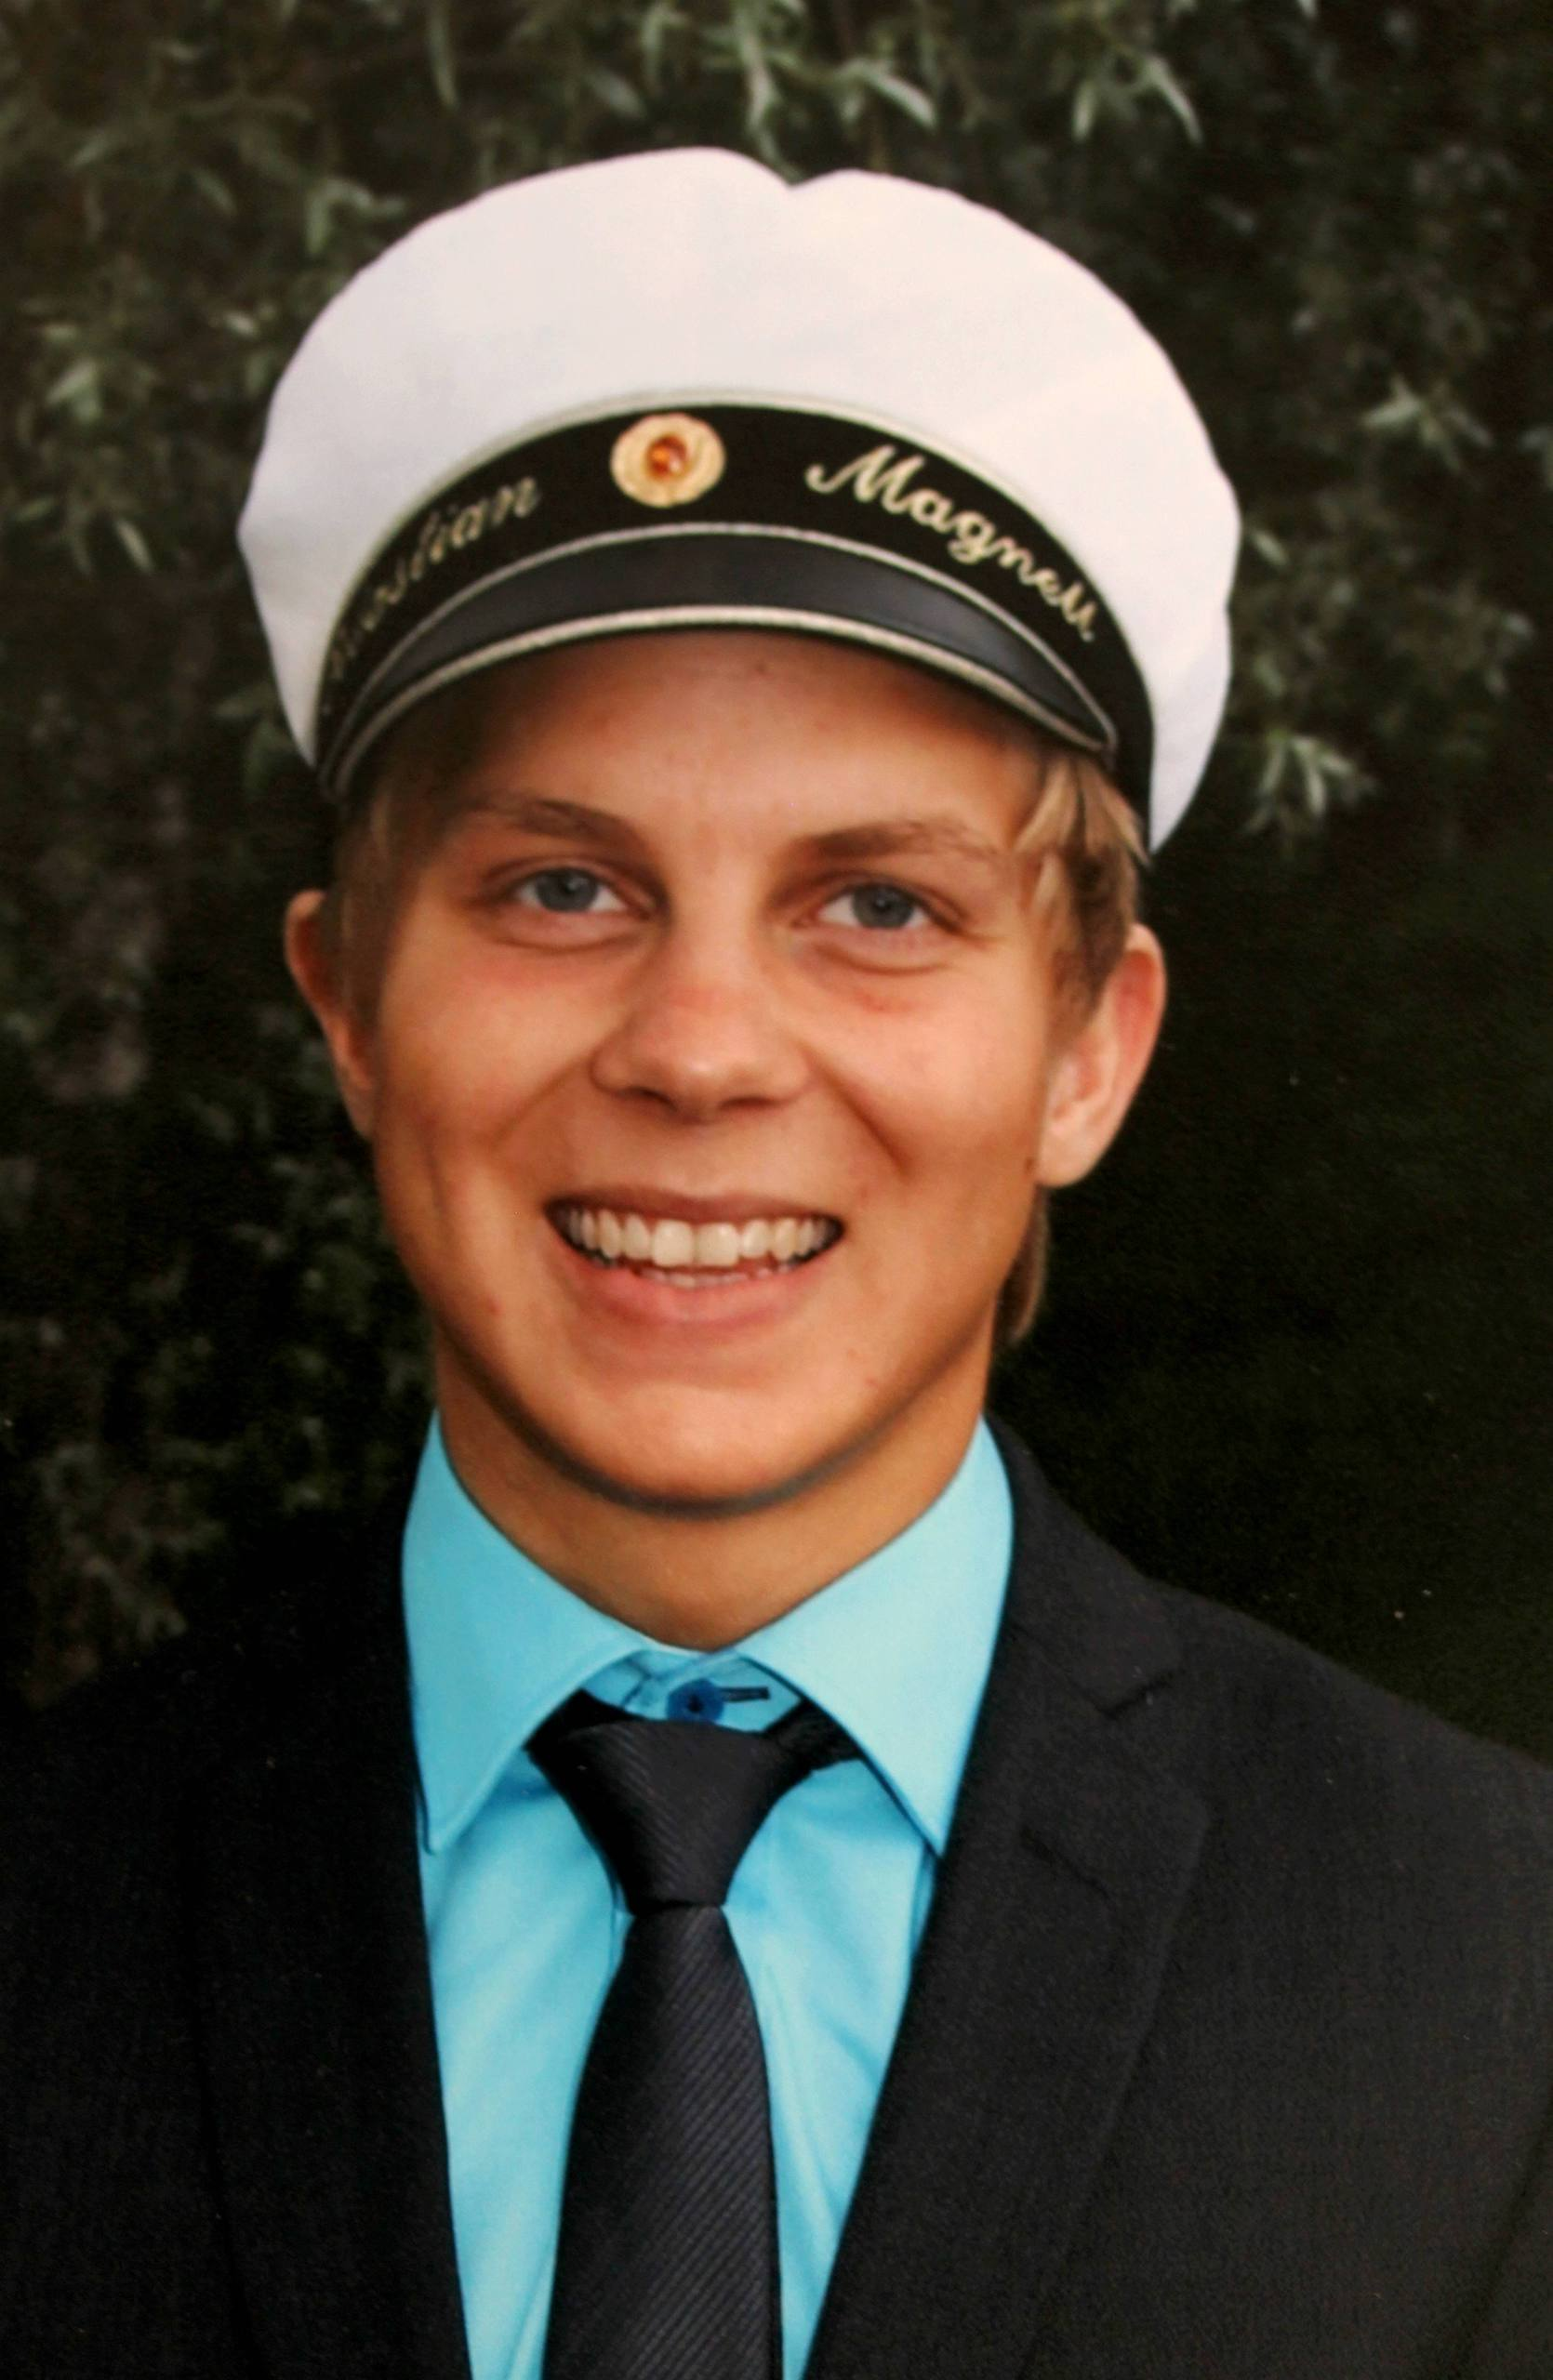 lesbisk olja brottning könMer från Pron bub